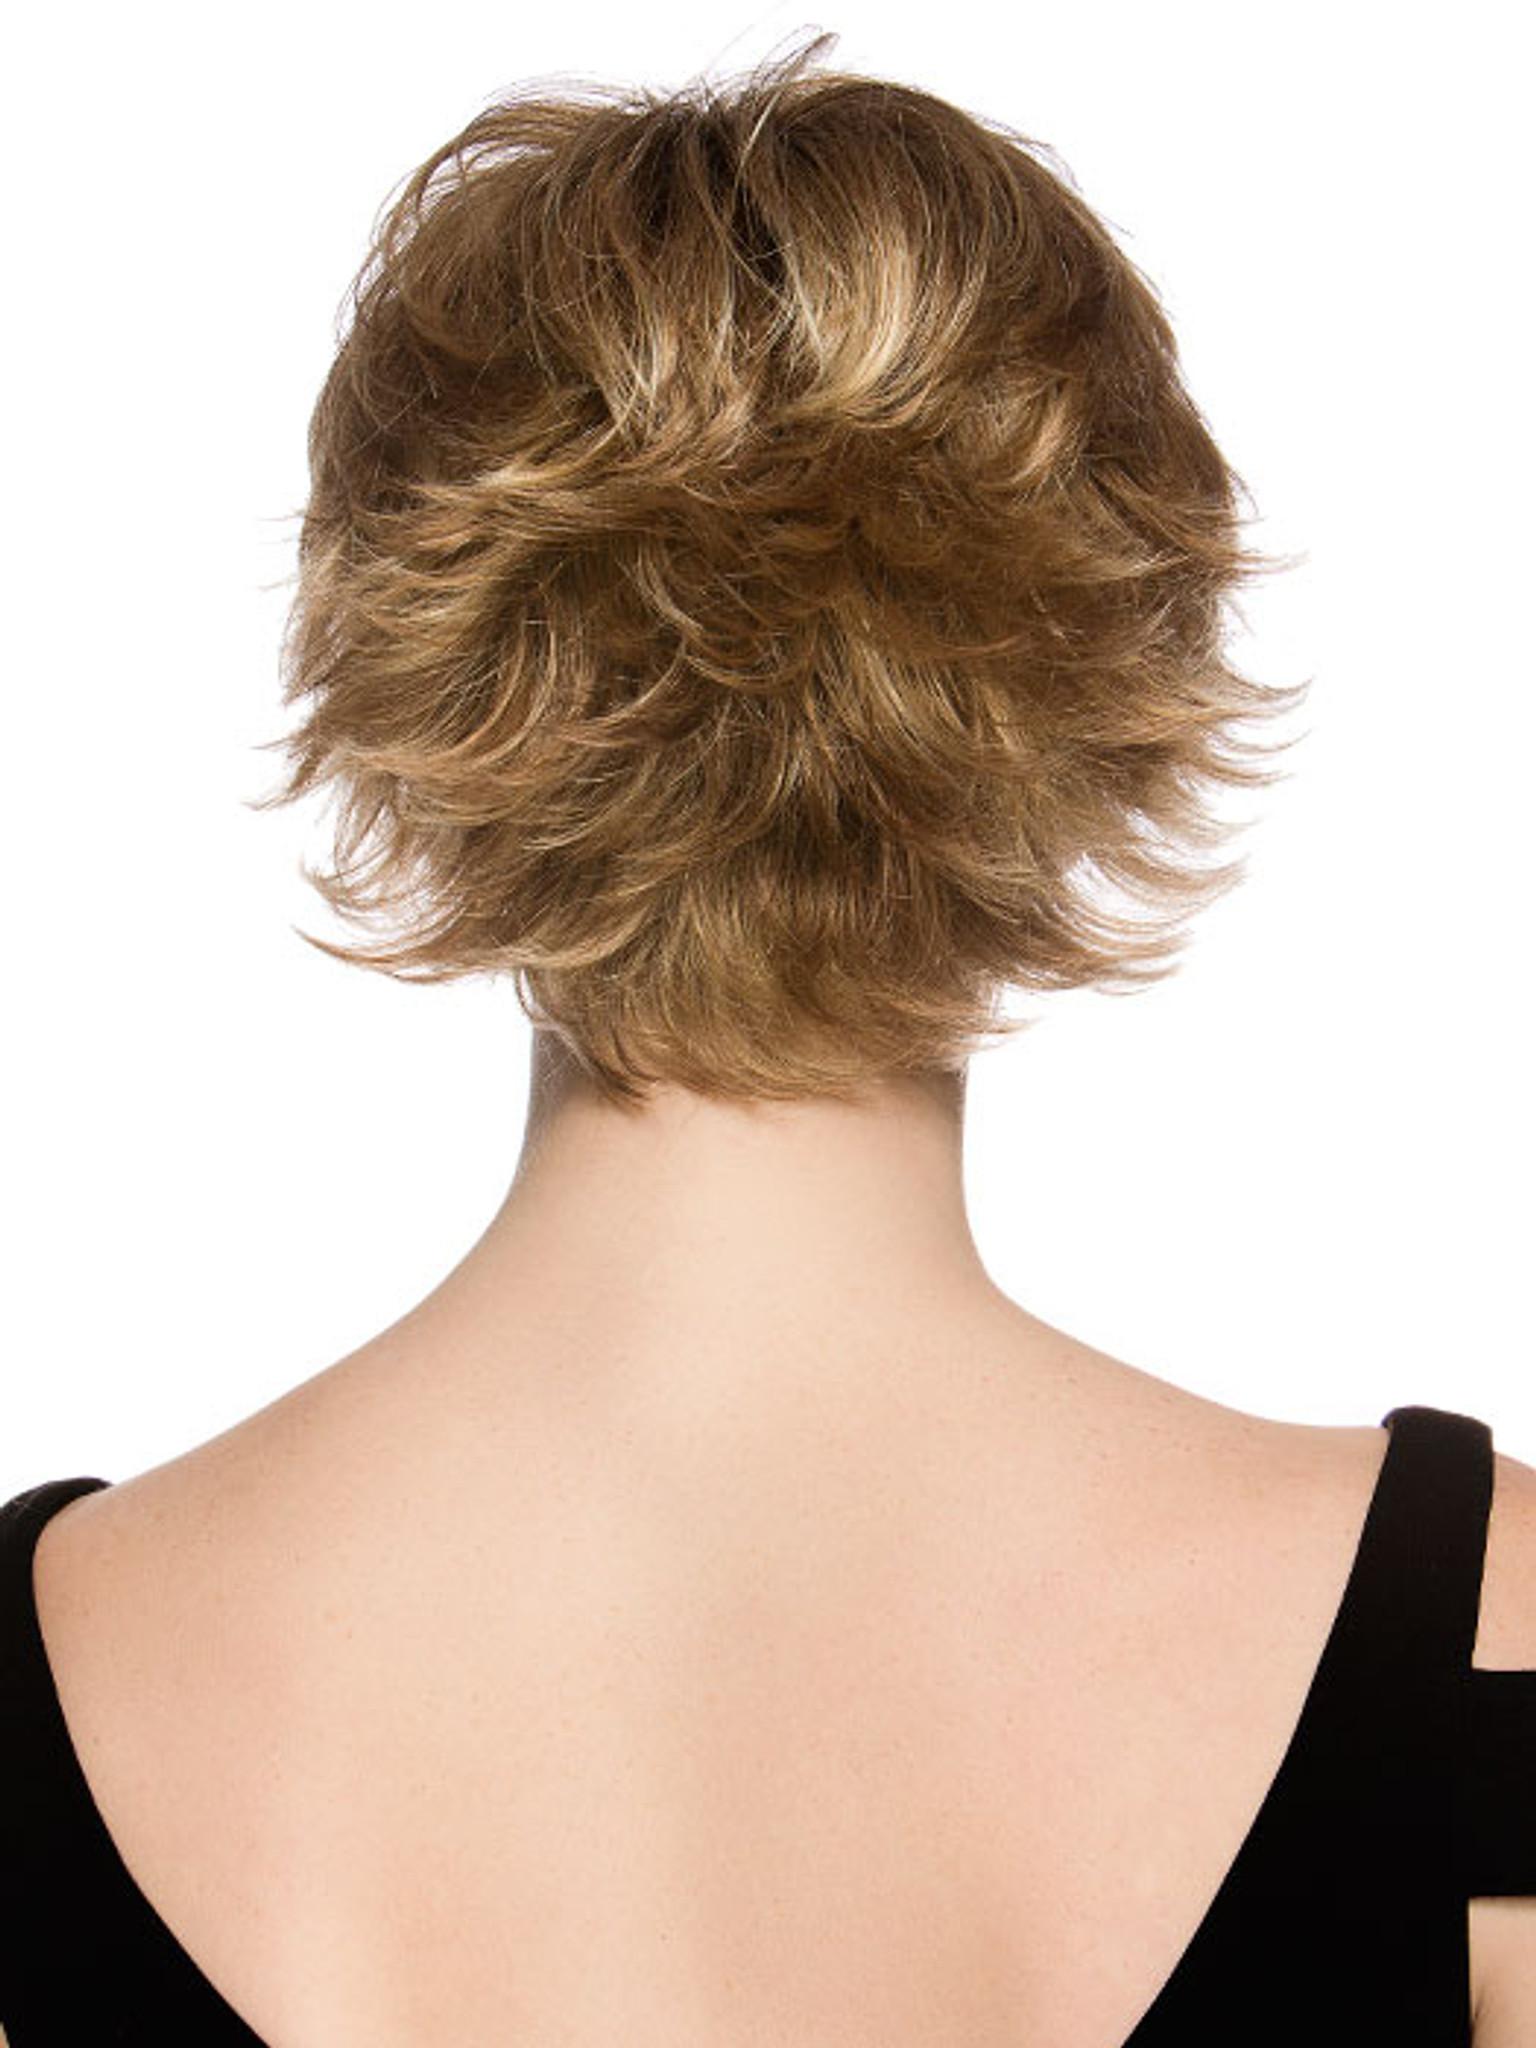 Wigs by Ellen Wille